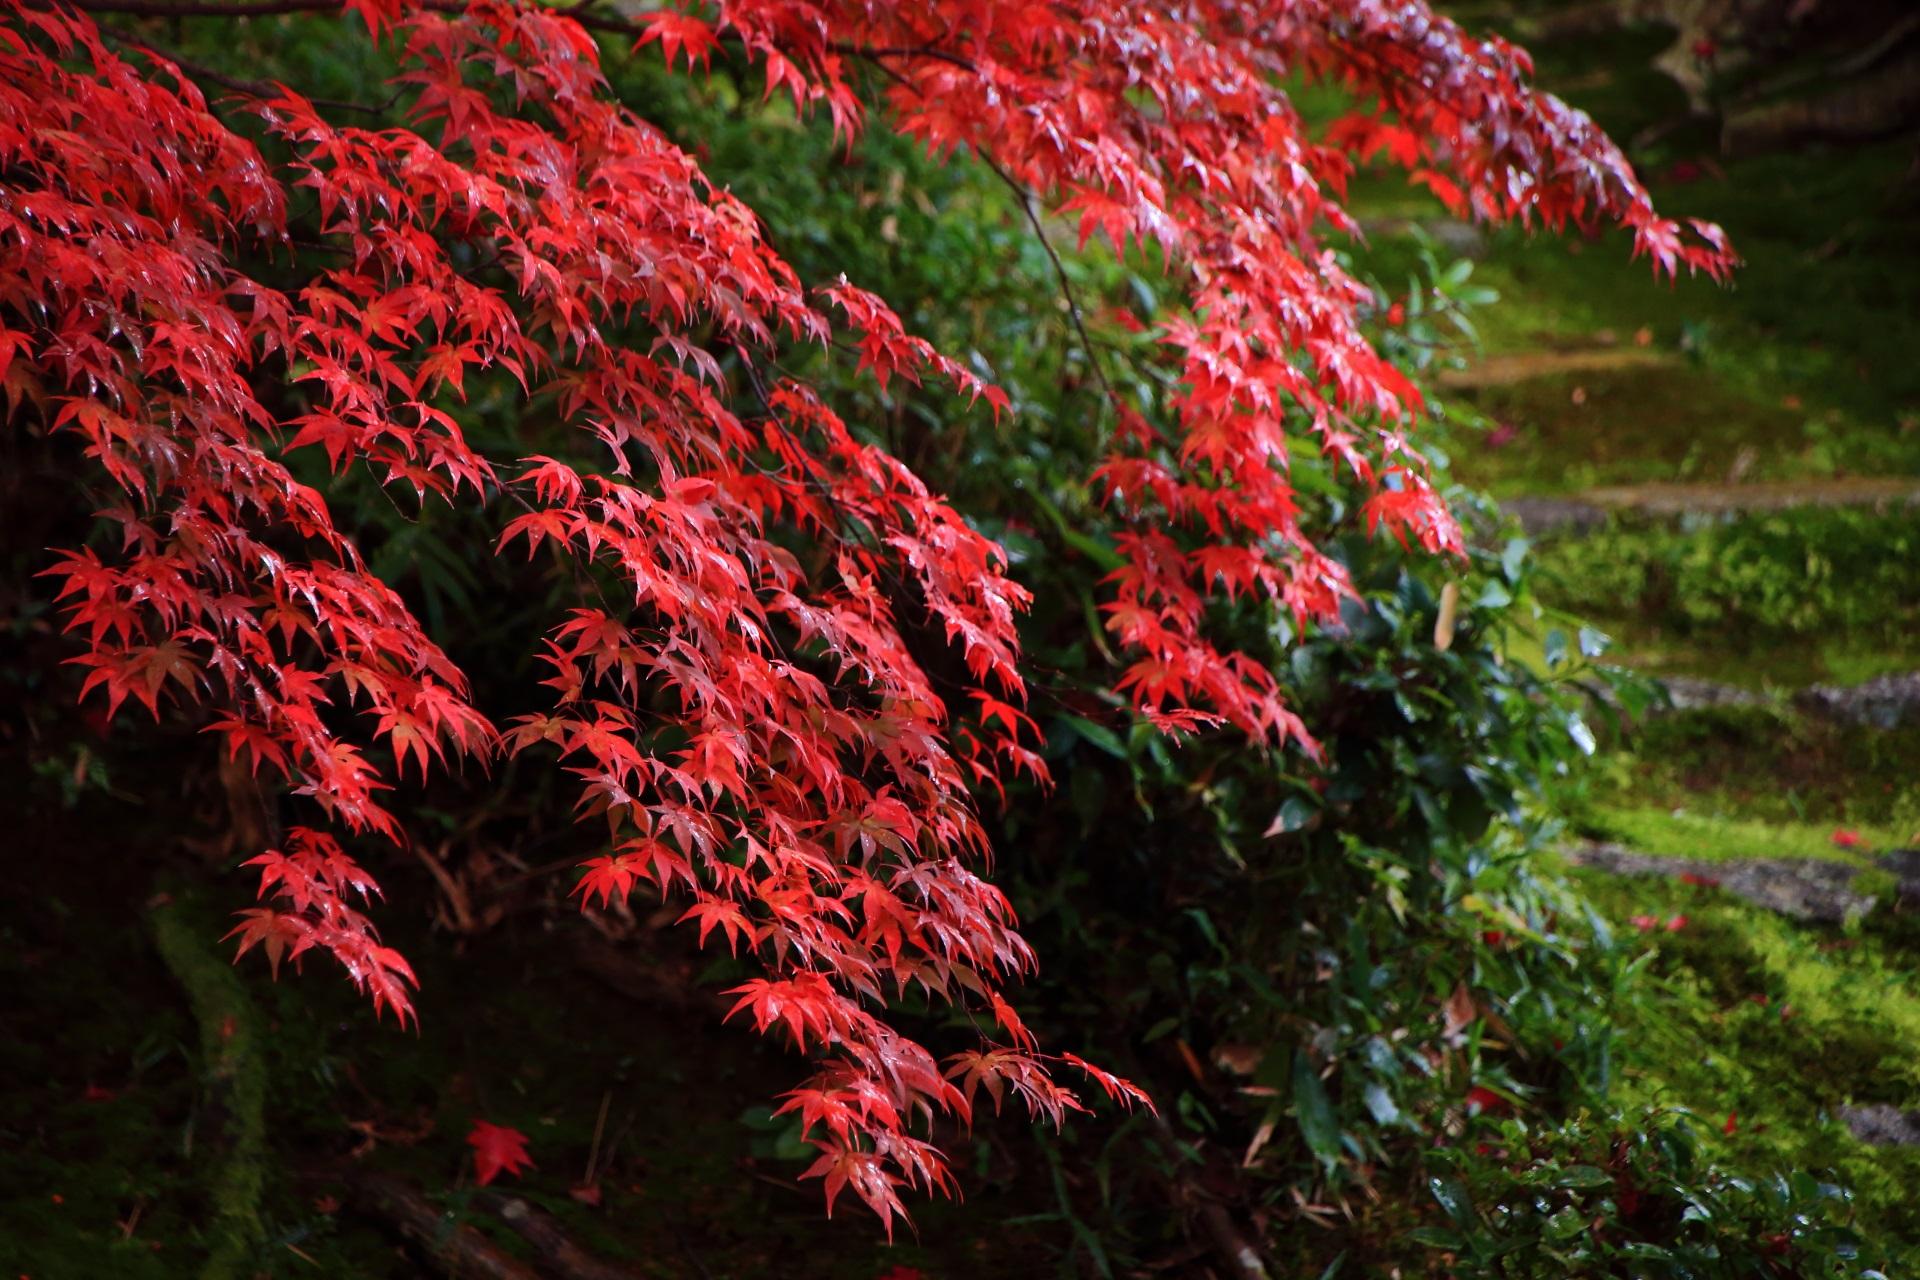 雨に濡れてしっとりとした見事な色づきの紅葉